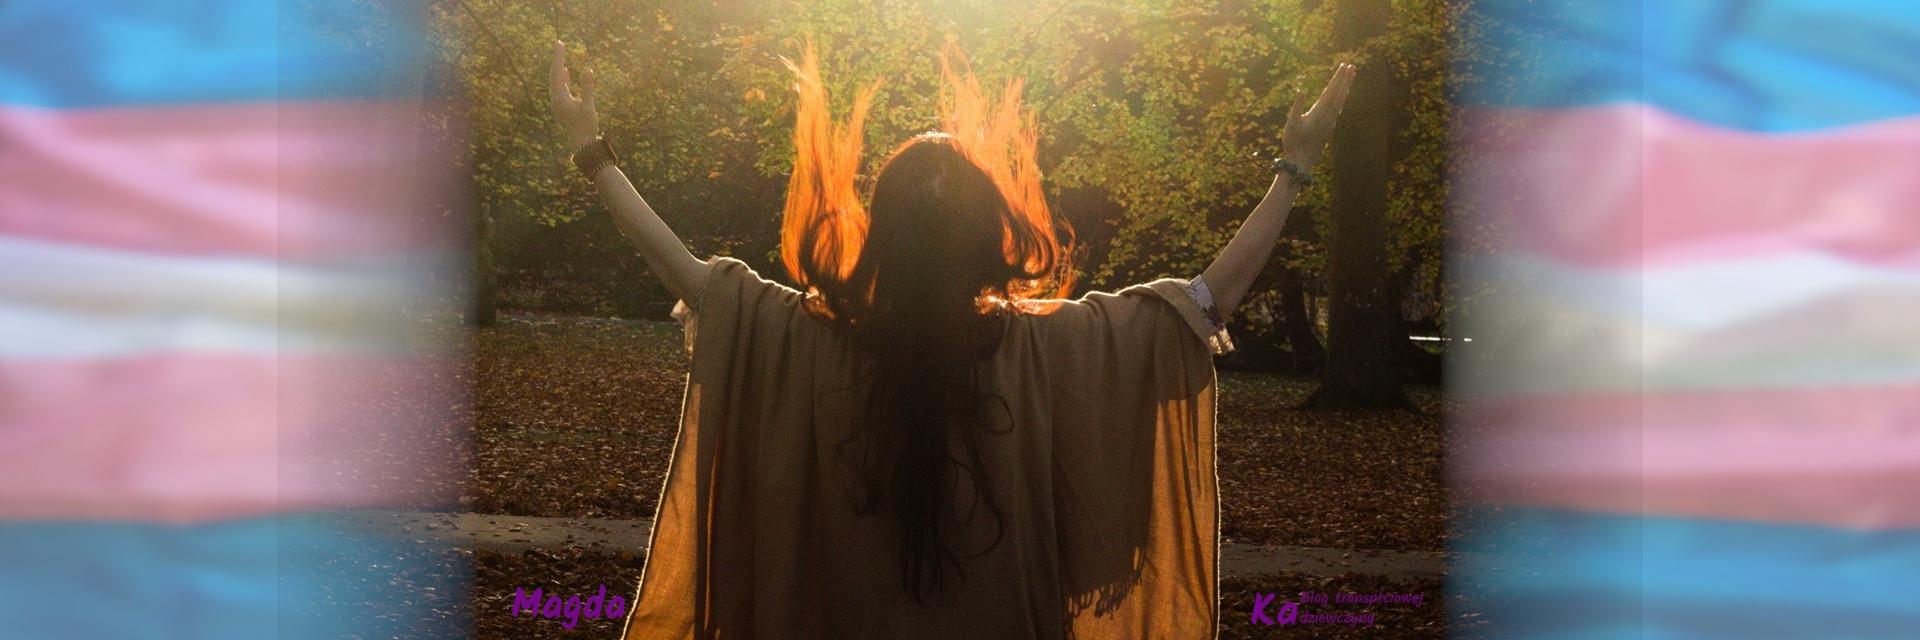 Magda. Kobieta stojąca tyłem do obiektywu w lesie oświetlona zachodzącym słońcem